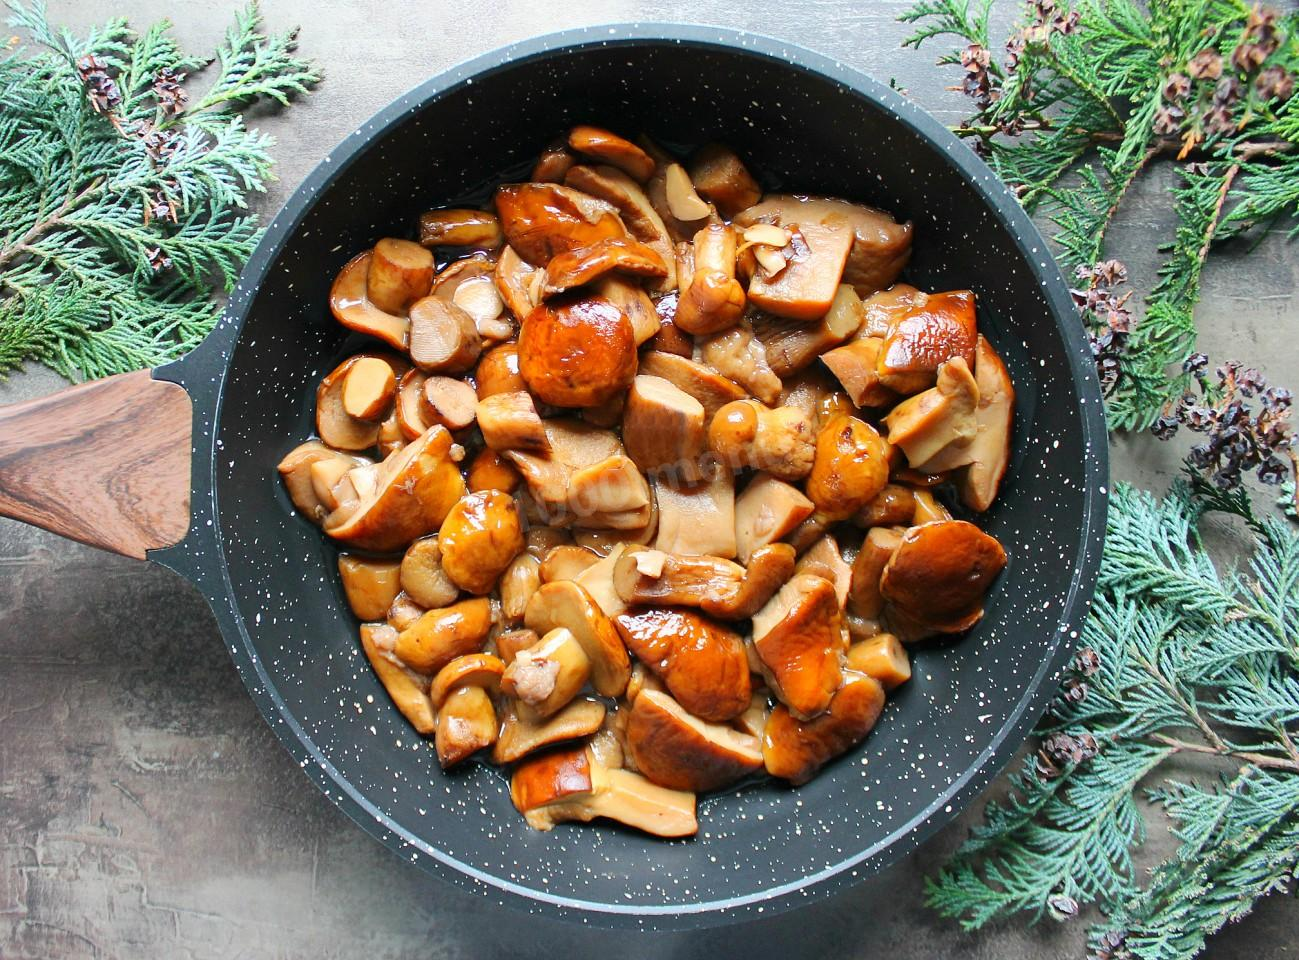 Маслята жареные с луком на сковороде рецепты с фото пошаговые фоторецепт.ru